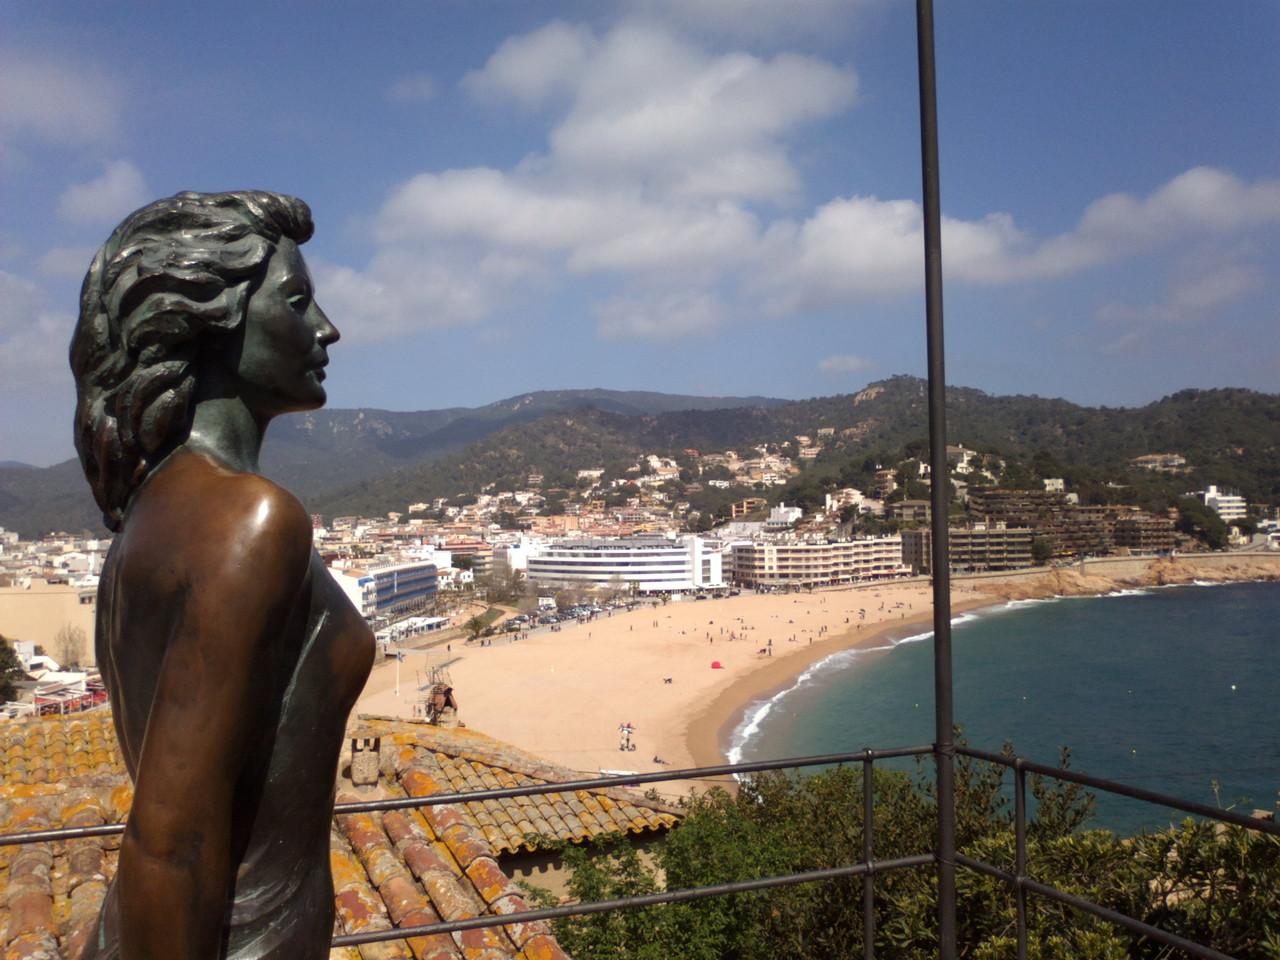 Estatua de Ava Gardne en Tossa